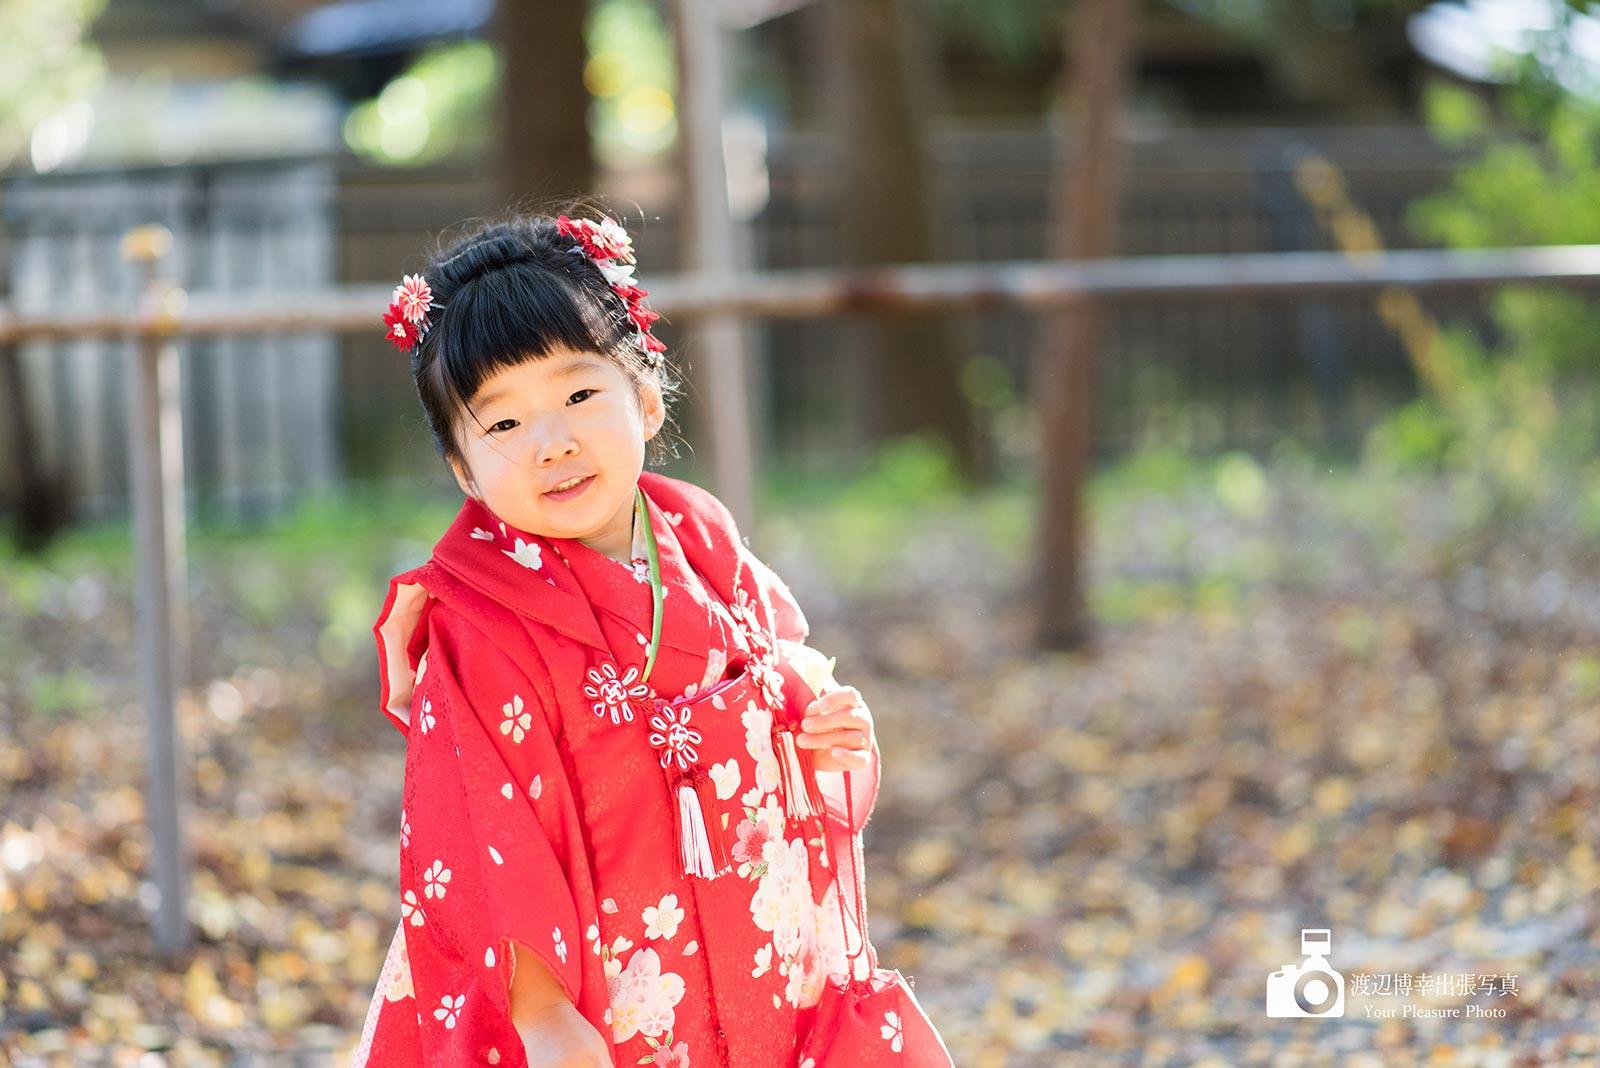 赤い着物を着た七五三の女の子